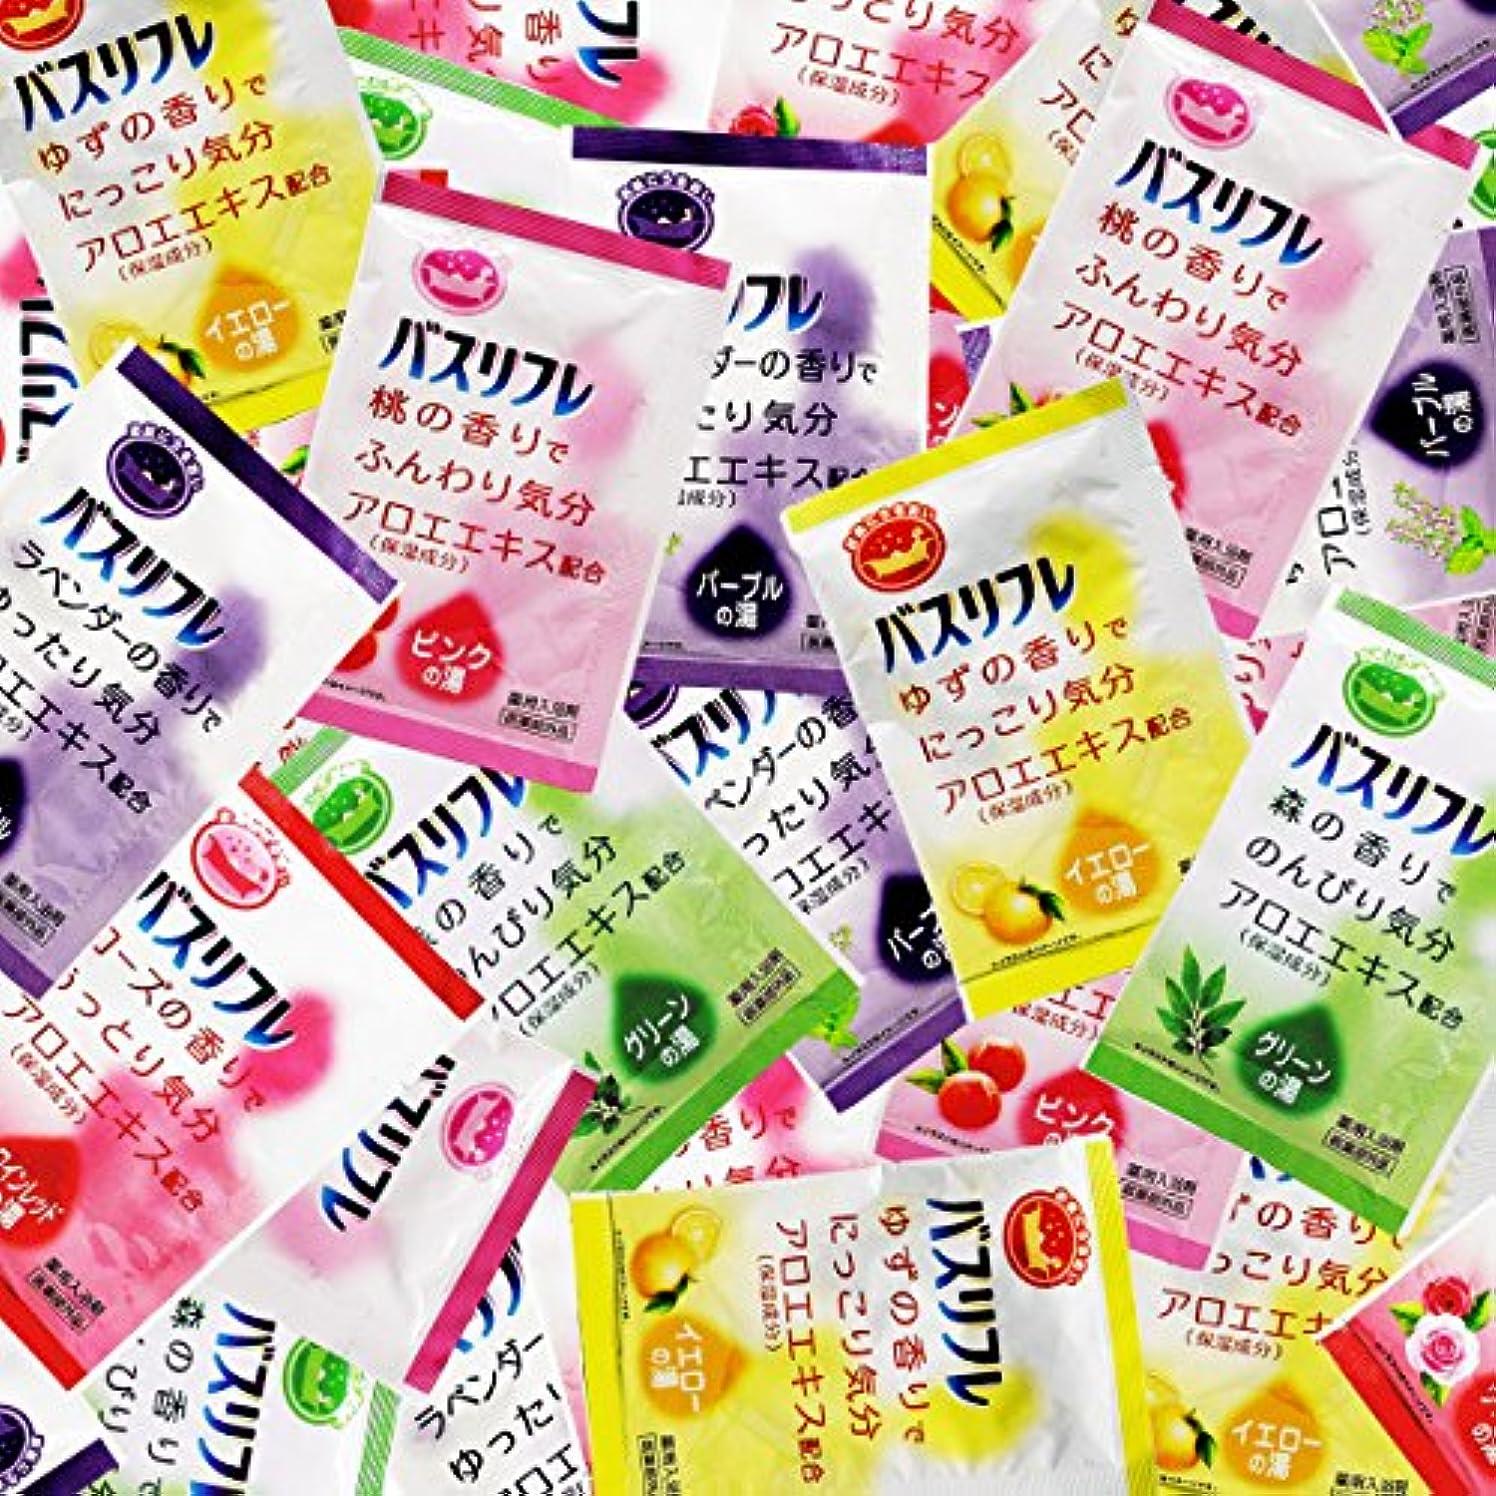 流行している応援するトライアスロン薬用入浴剤 バスリフレ 5種類の香り アソート 120袋セット 入浴剤 詰め合わせ 人気 アロマ 福袋 医薬部外品